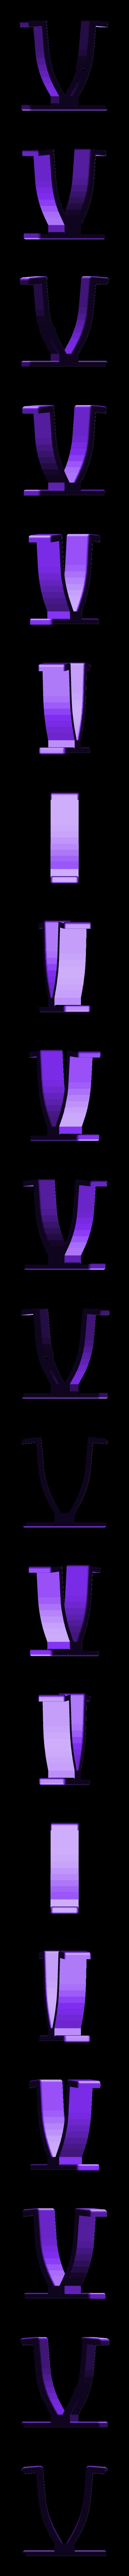 Joint_Lock.stl Download free STL file Utility_Bar • 3D printable design, Mashed_3D